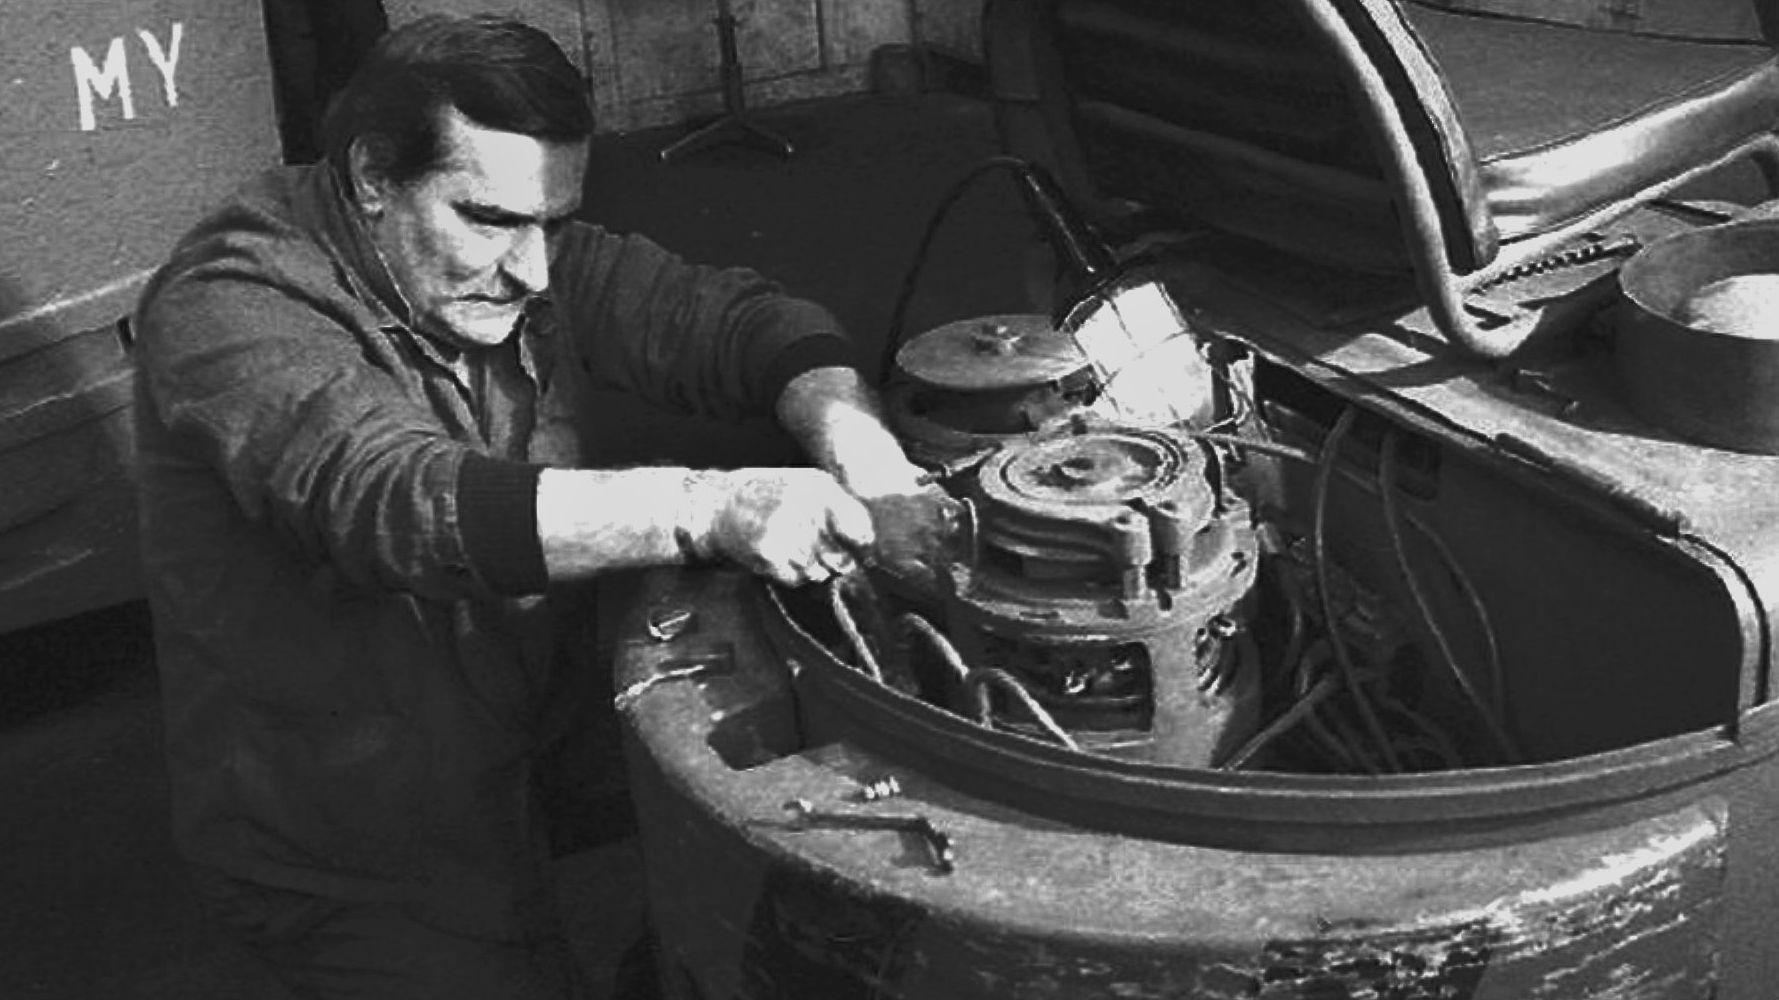 """Lech Wałęsa als Elektriker bei der Arbeit in der Danziger Werft """"Lenin"""" (Schwarz-Weiß-Aufnahme von 1989)"""